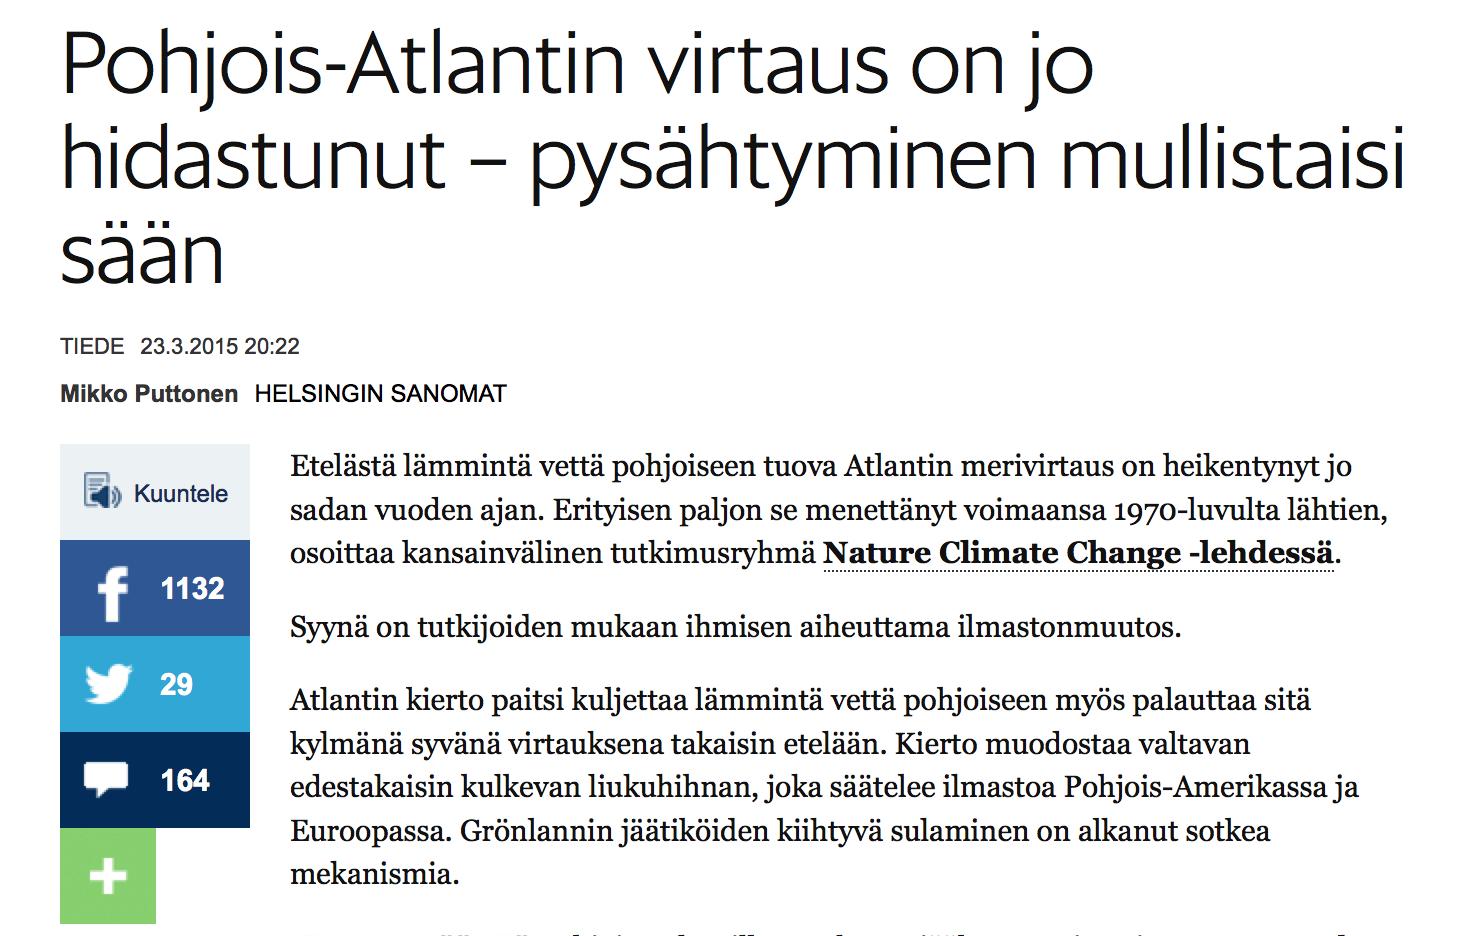 HS: Atlantin merivirta hidastunut ihmisen aiheuttaman ilmastonmuutoksen vuoksi